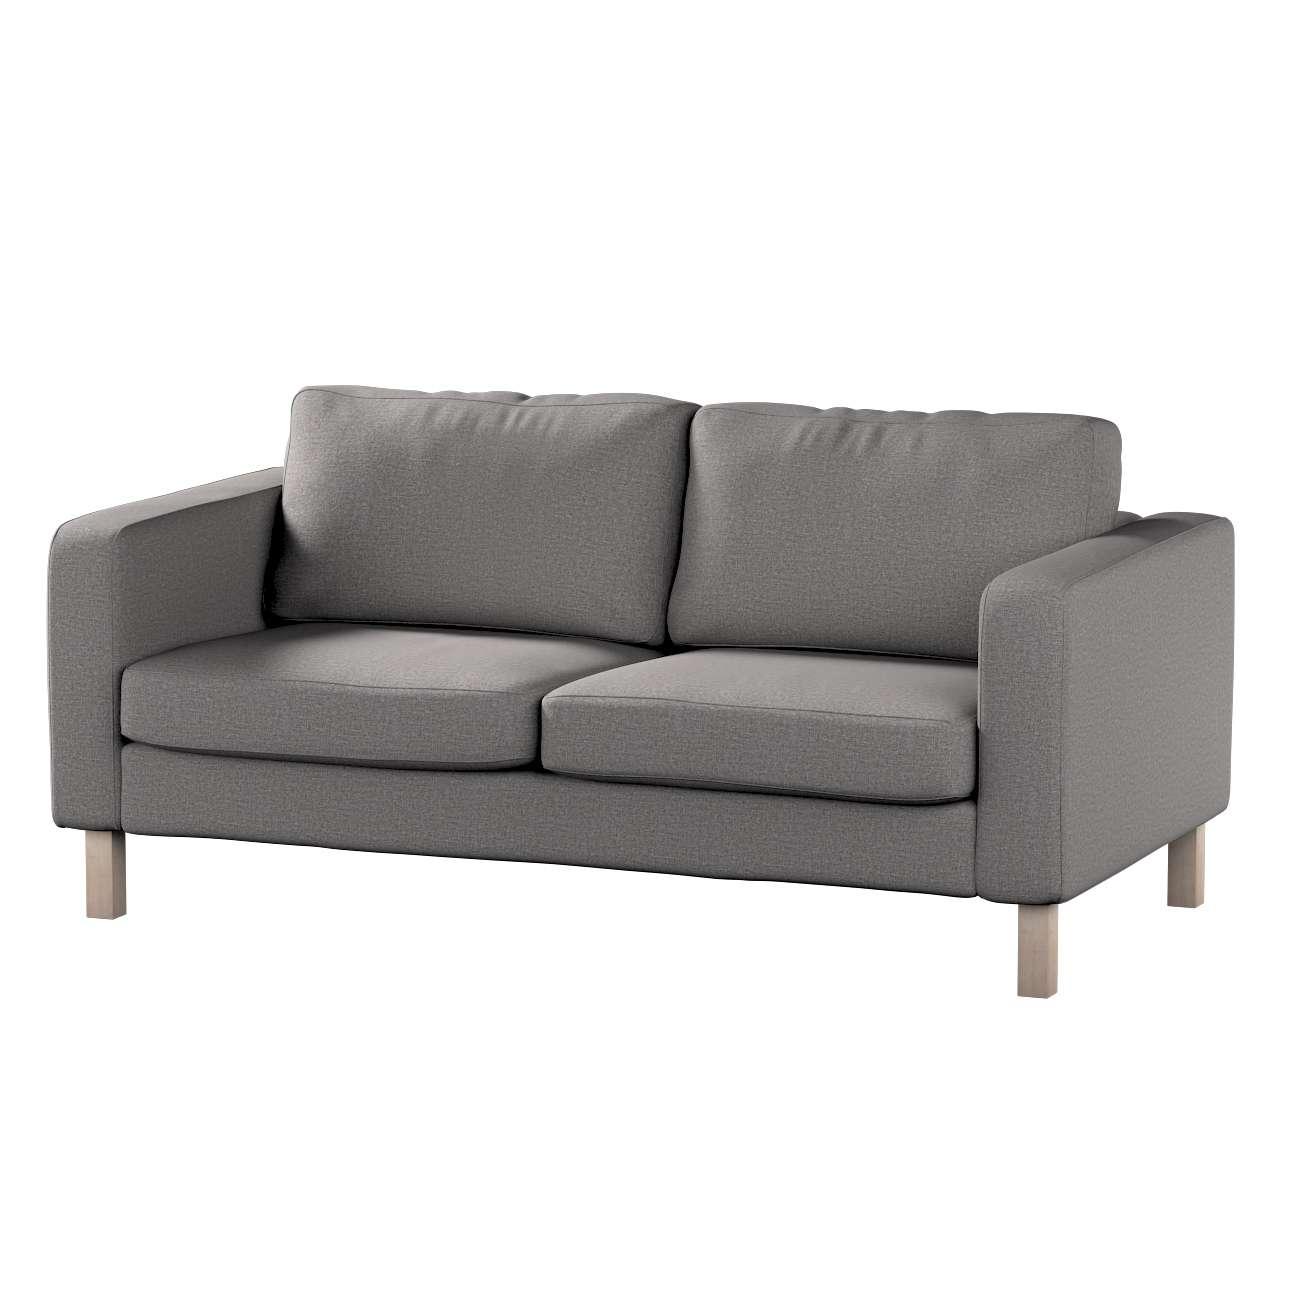 Pokrowiec na sofę Karlstad 2-osobową nierozkładaną krótki Sofa Karlstad 2-osobowa w kolekcji Edinburgh, tkanina: 115-81